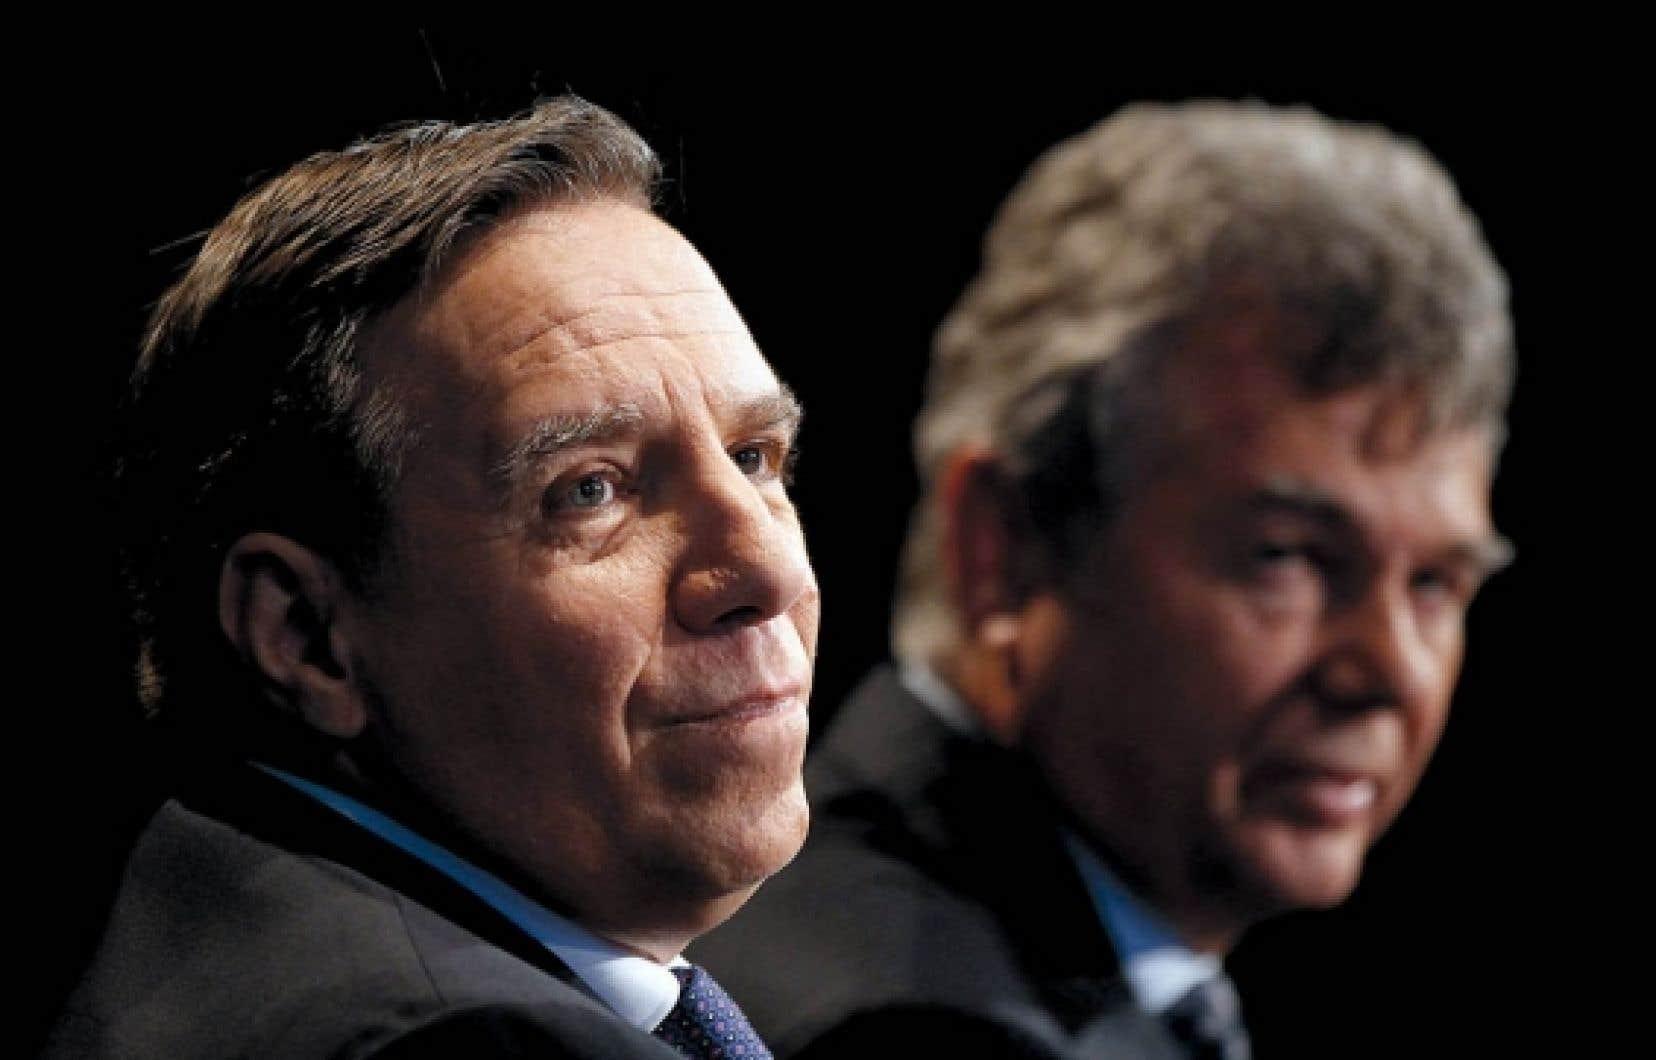 Les cofondateurs de la Coalition avenir Québec, François Legault et Charles Sirois. Ce dernier est un de ceux qui ont contribué deux fois 1000 $ à la CAQ en 2011, d'abord alors que c'était un organisme sans but lucratif, puis un parti politique.<br />